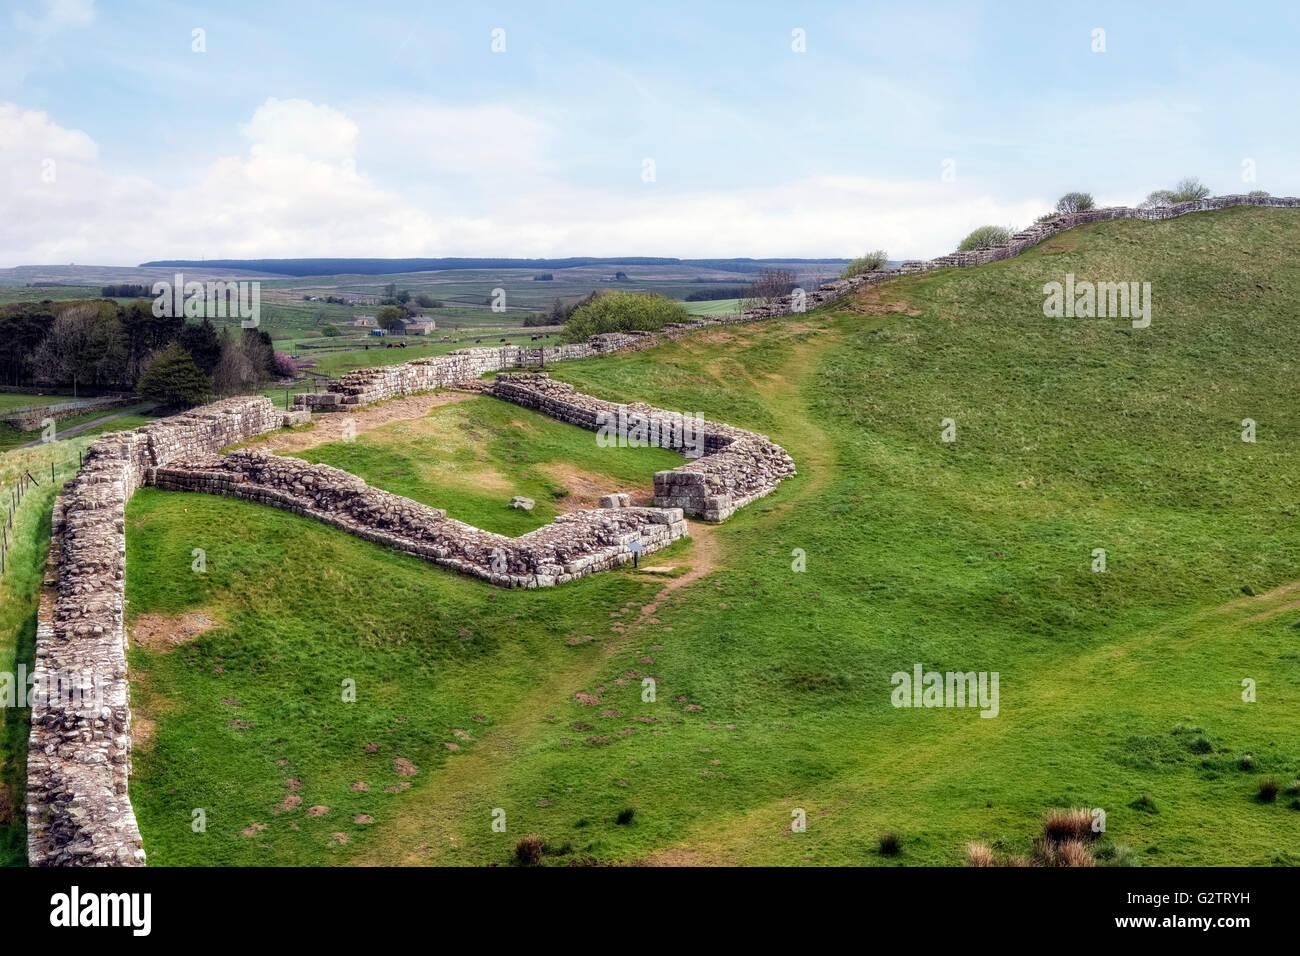 El Muro de Adriano, el castillo de Nick, acero Rigg, Northumberland, Inglaterra, Reino Unido. Imagen De Stock